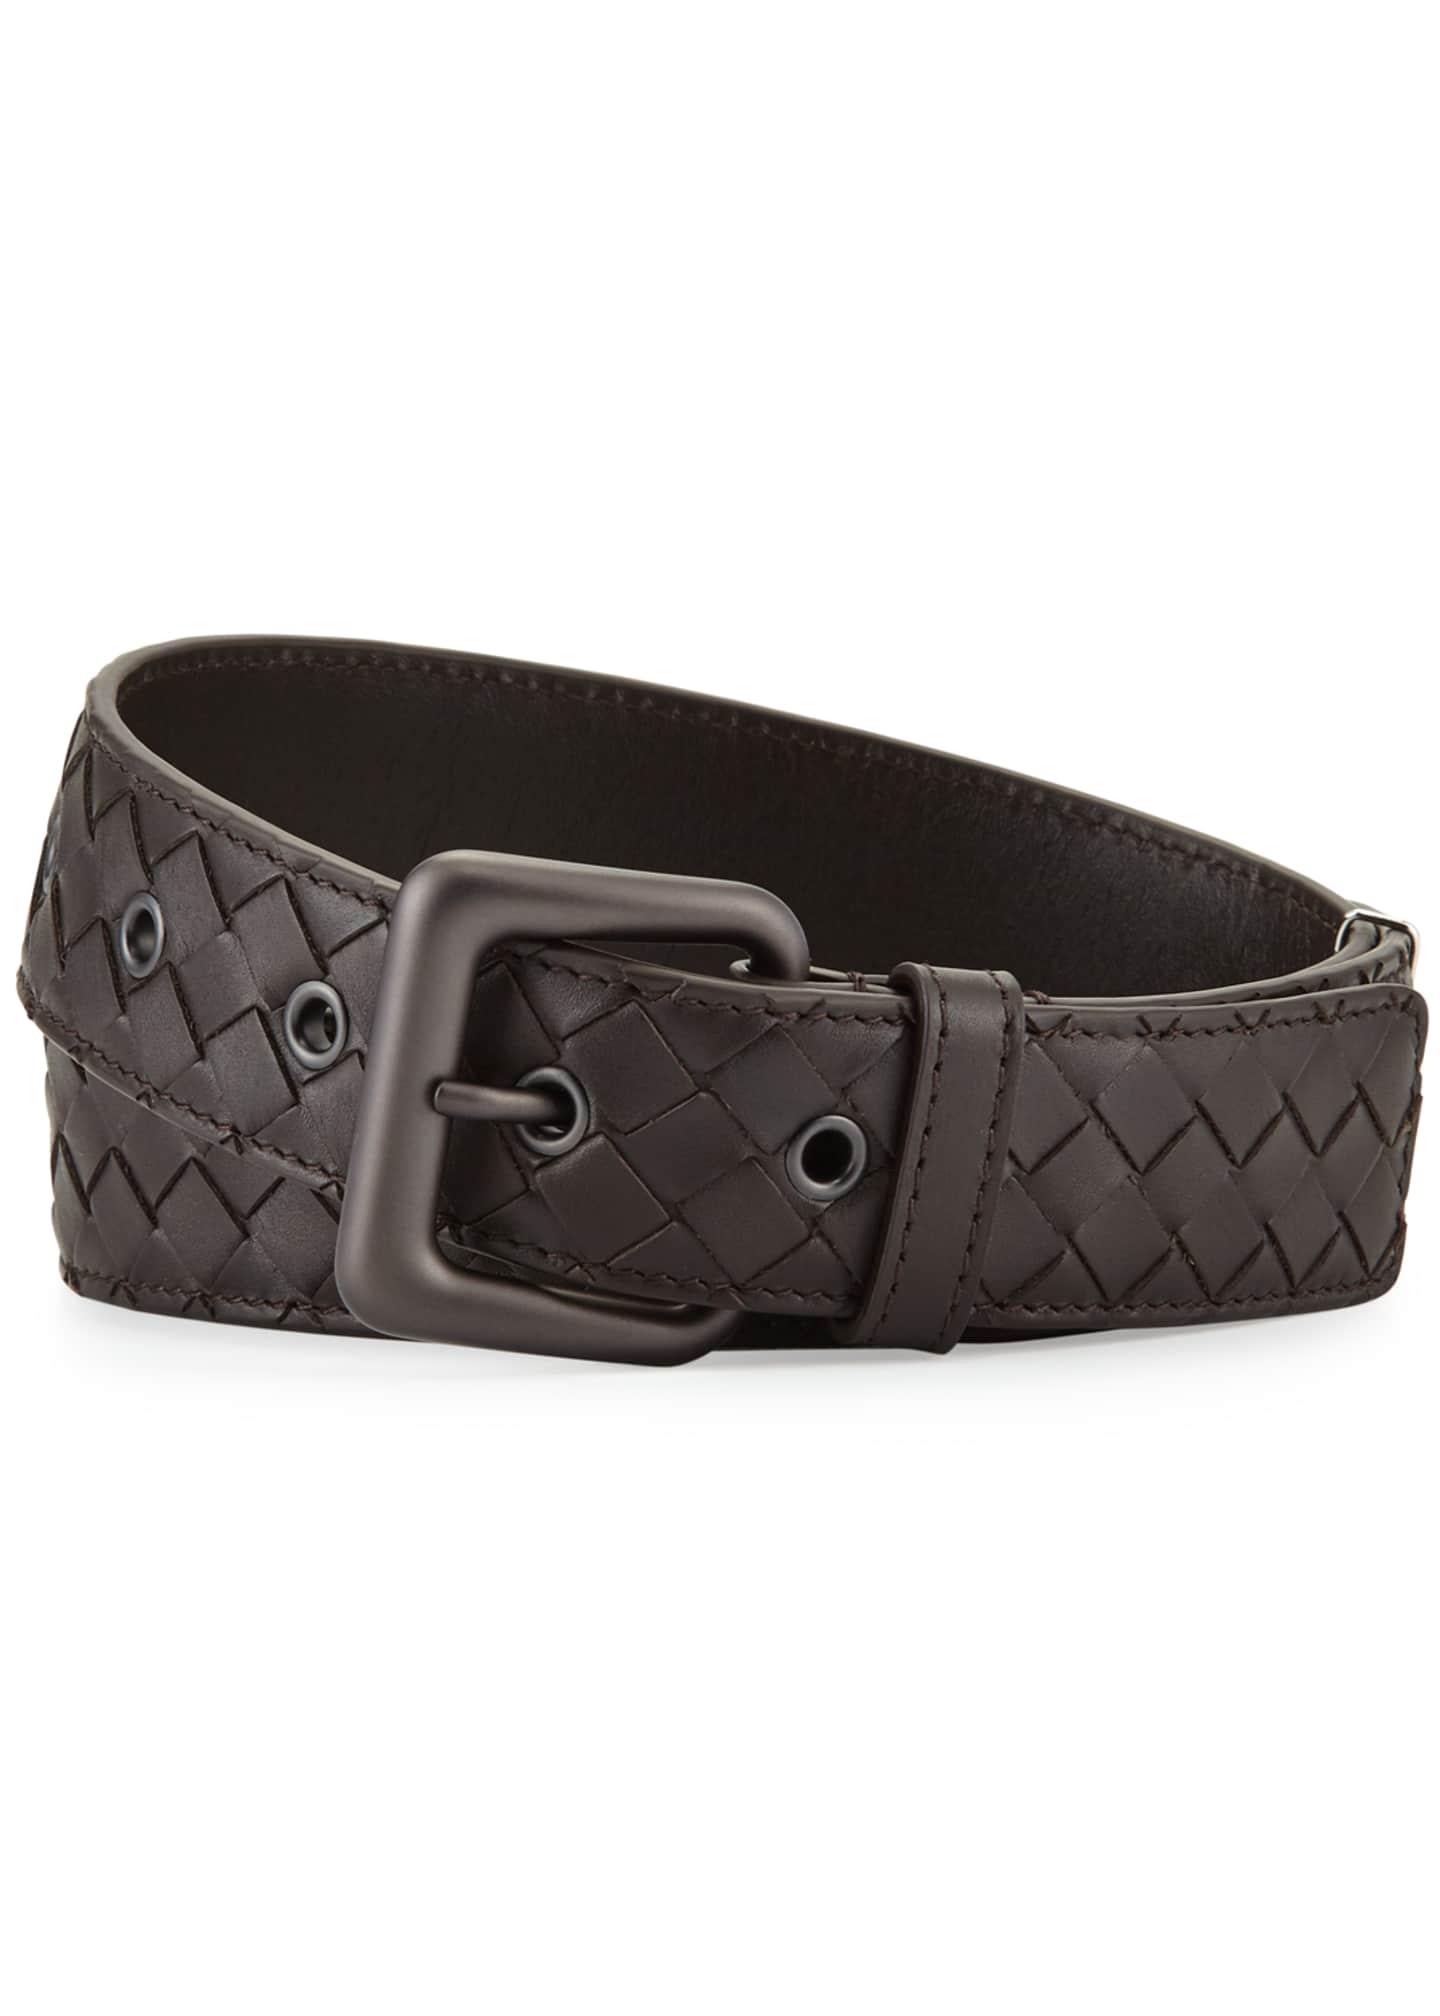 Bottega Veneta Intrecciato Woven Buckle Belt